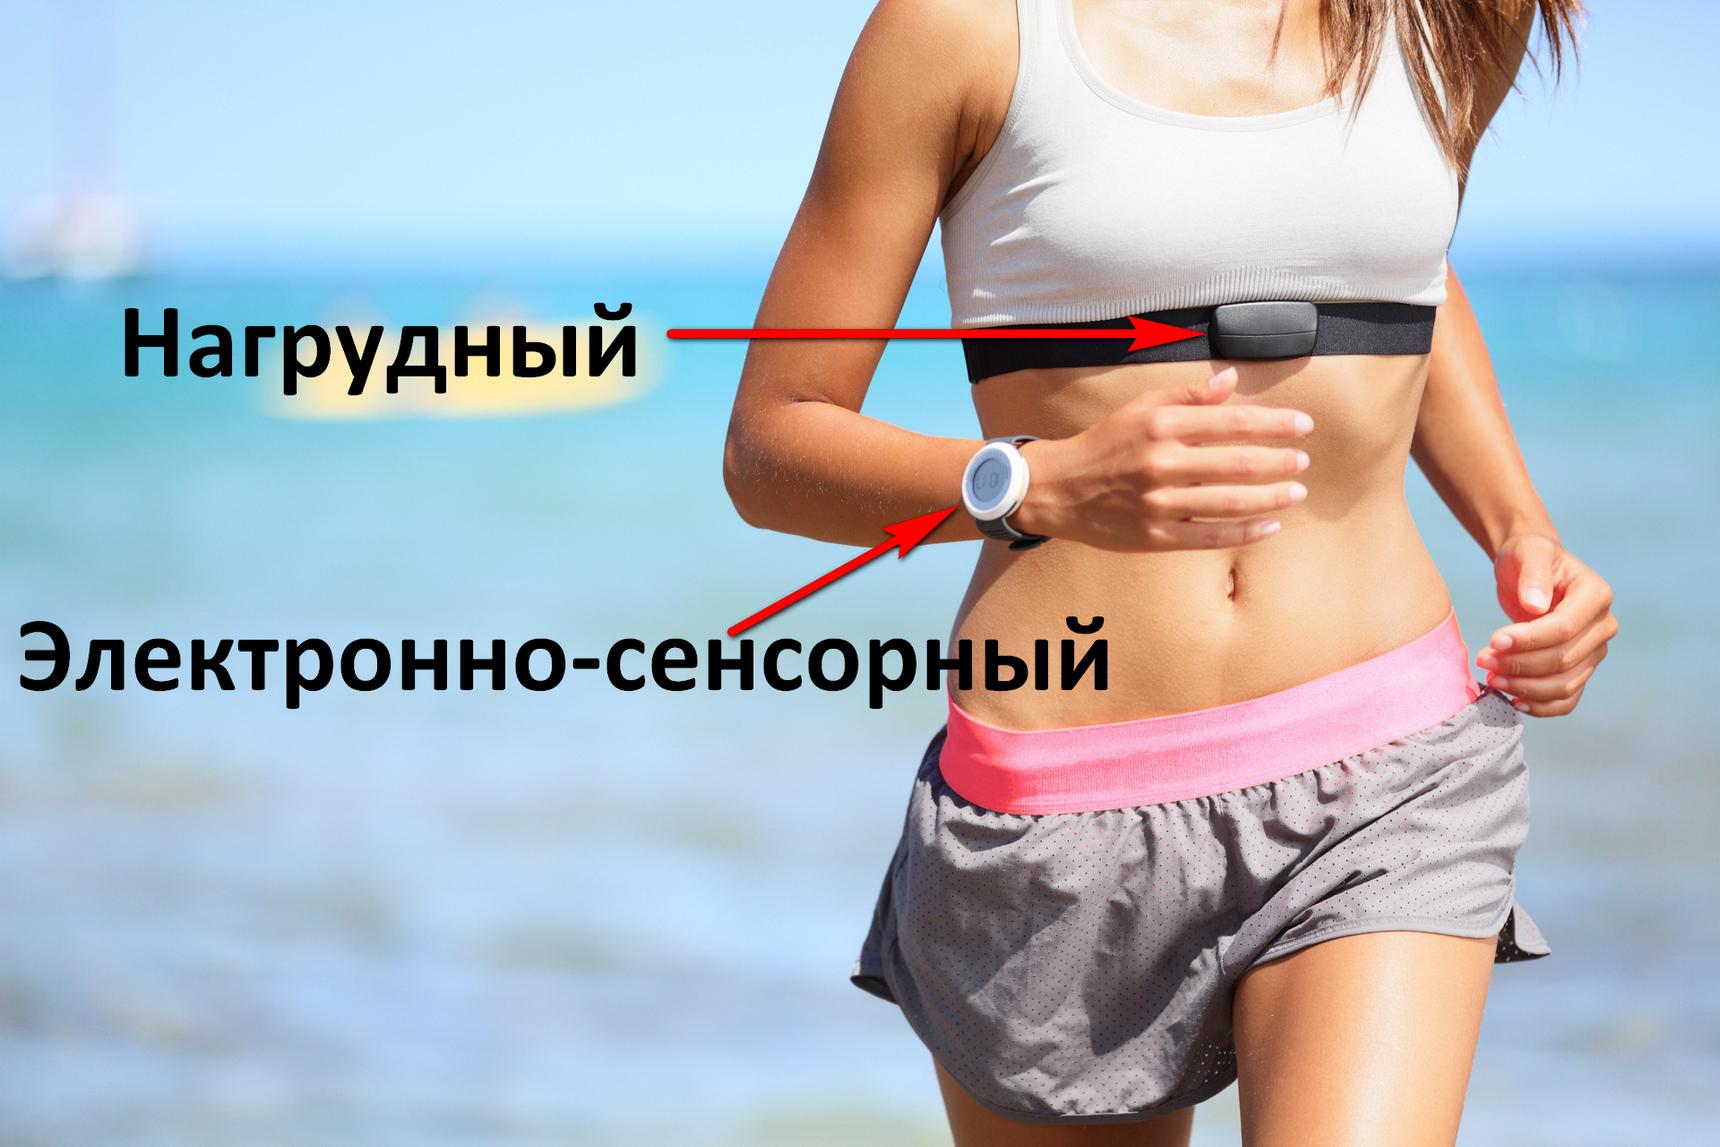 Пульсометр для бега. Обзор и выбор пульсометра